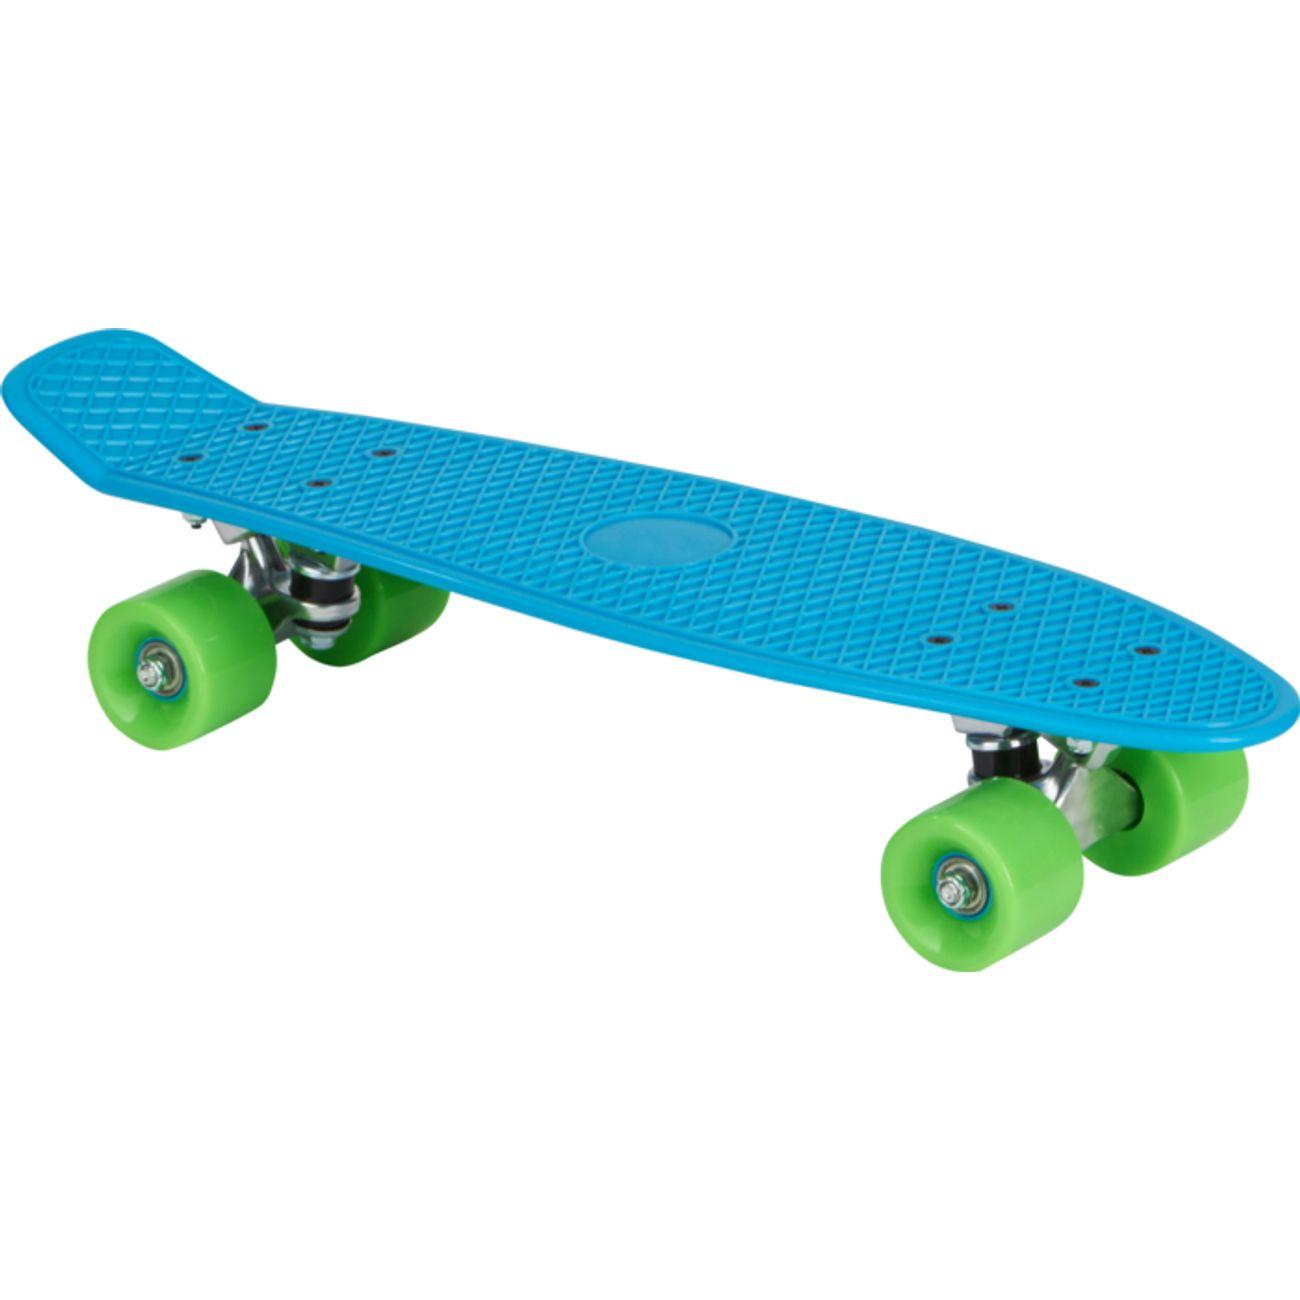 SKATE Skate  UP2GLIDE VINTAGE 22 BLEU